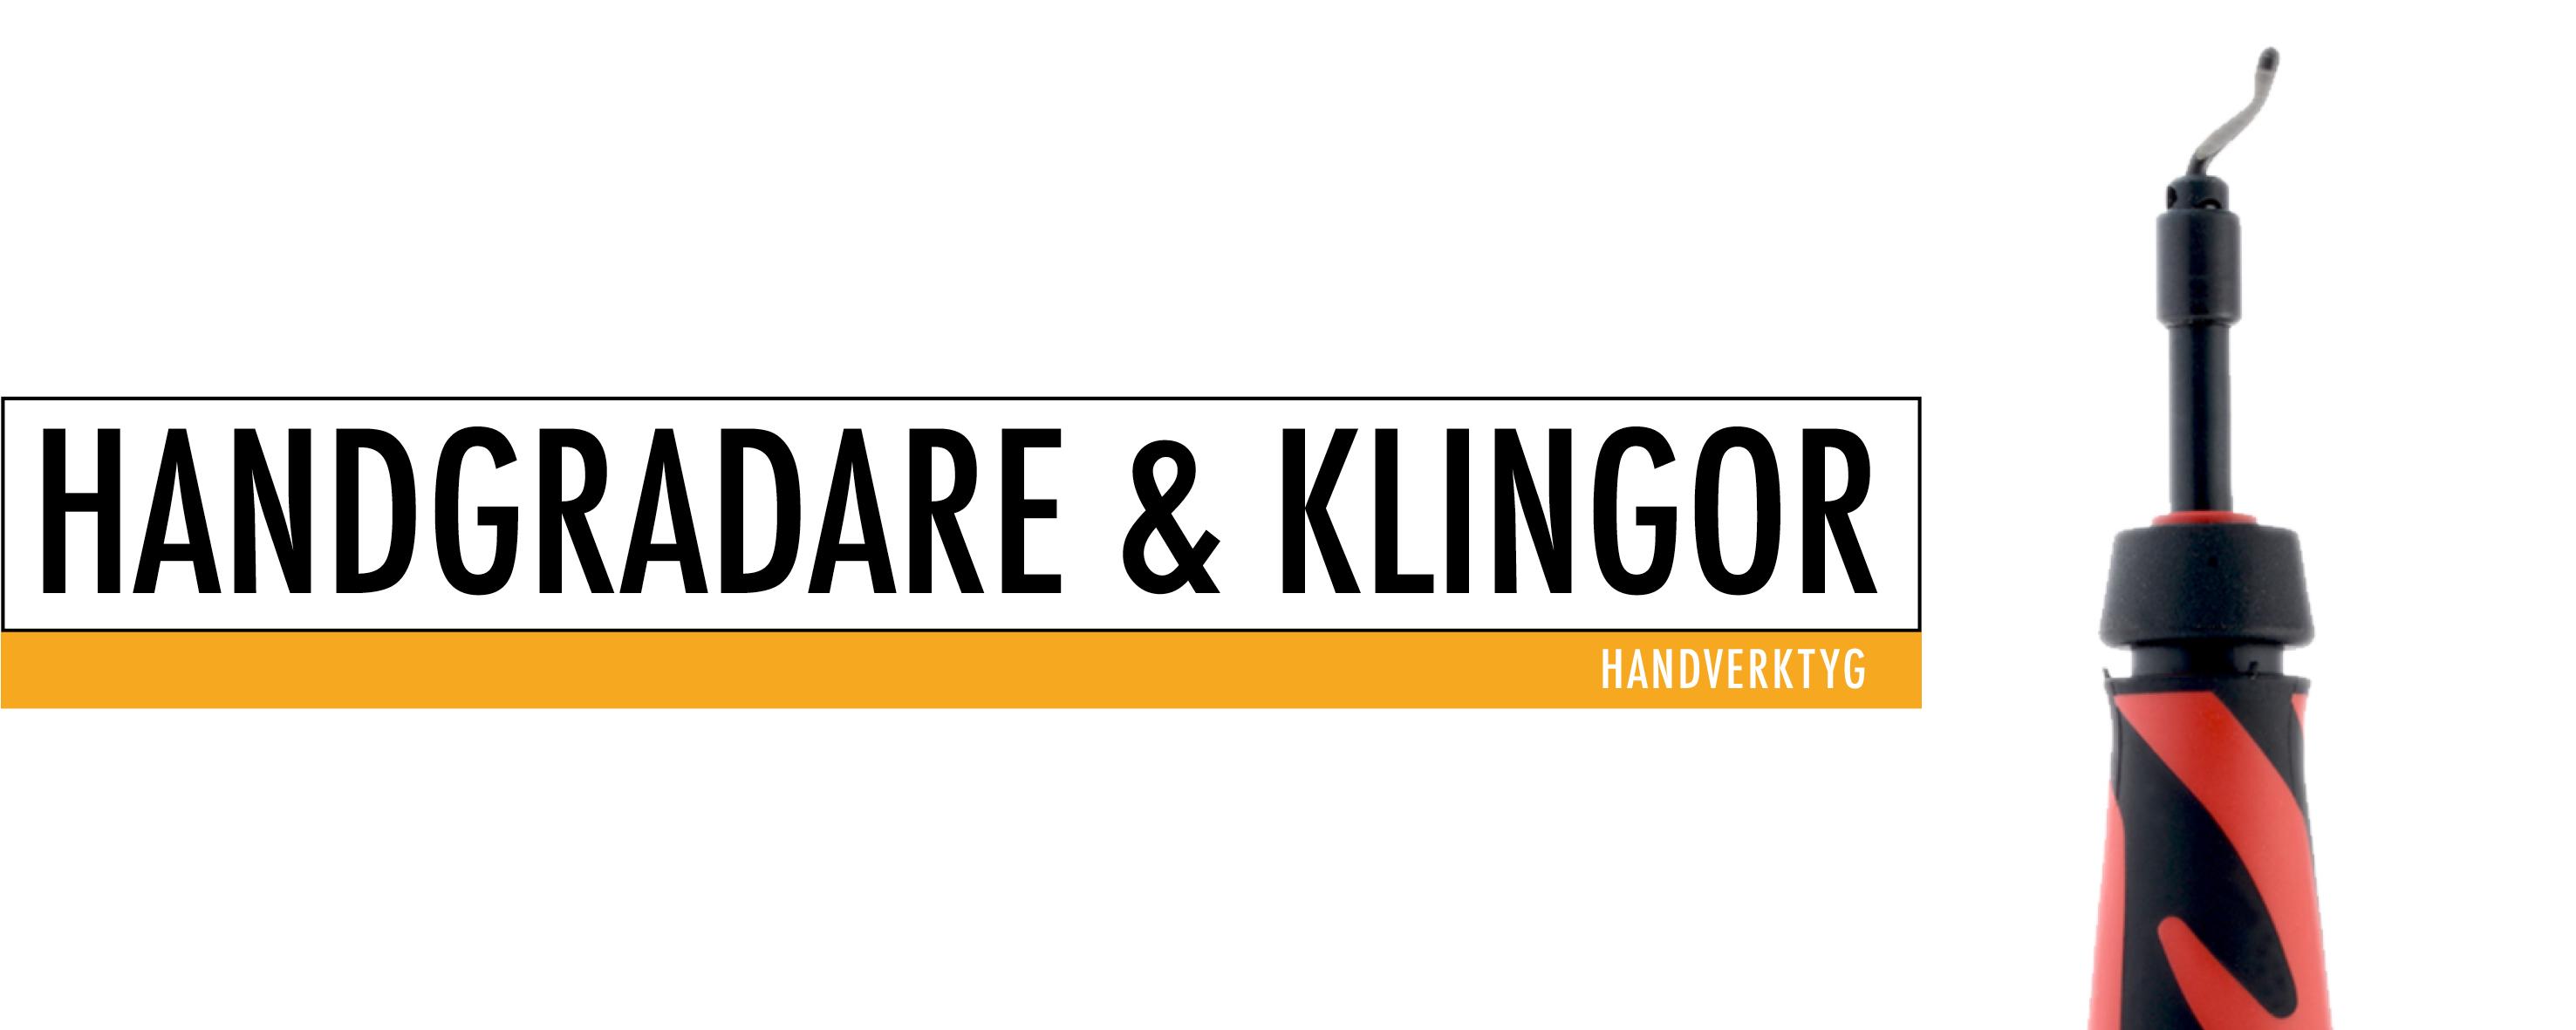 Handgradare & klingor